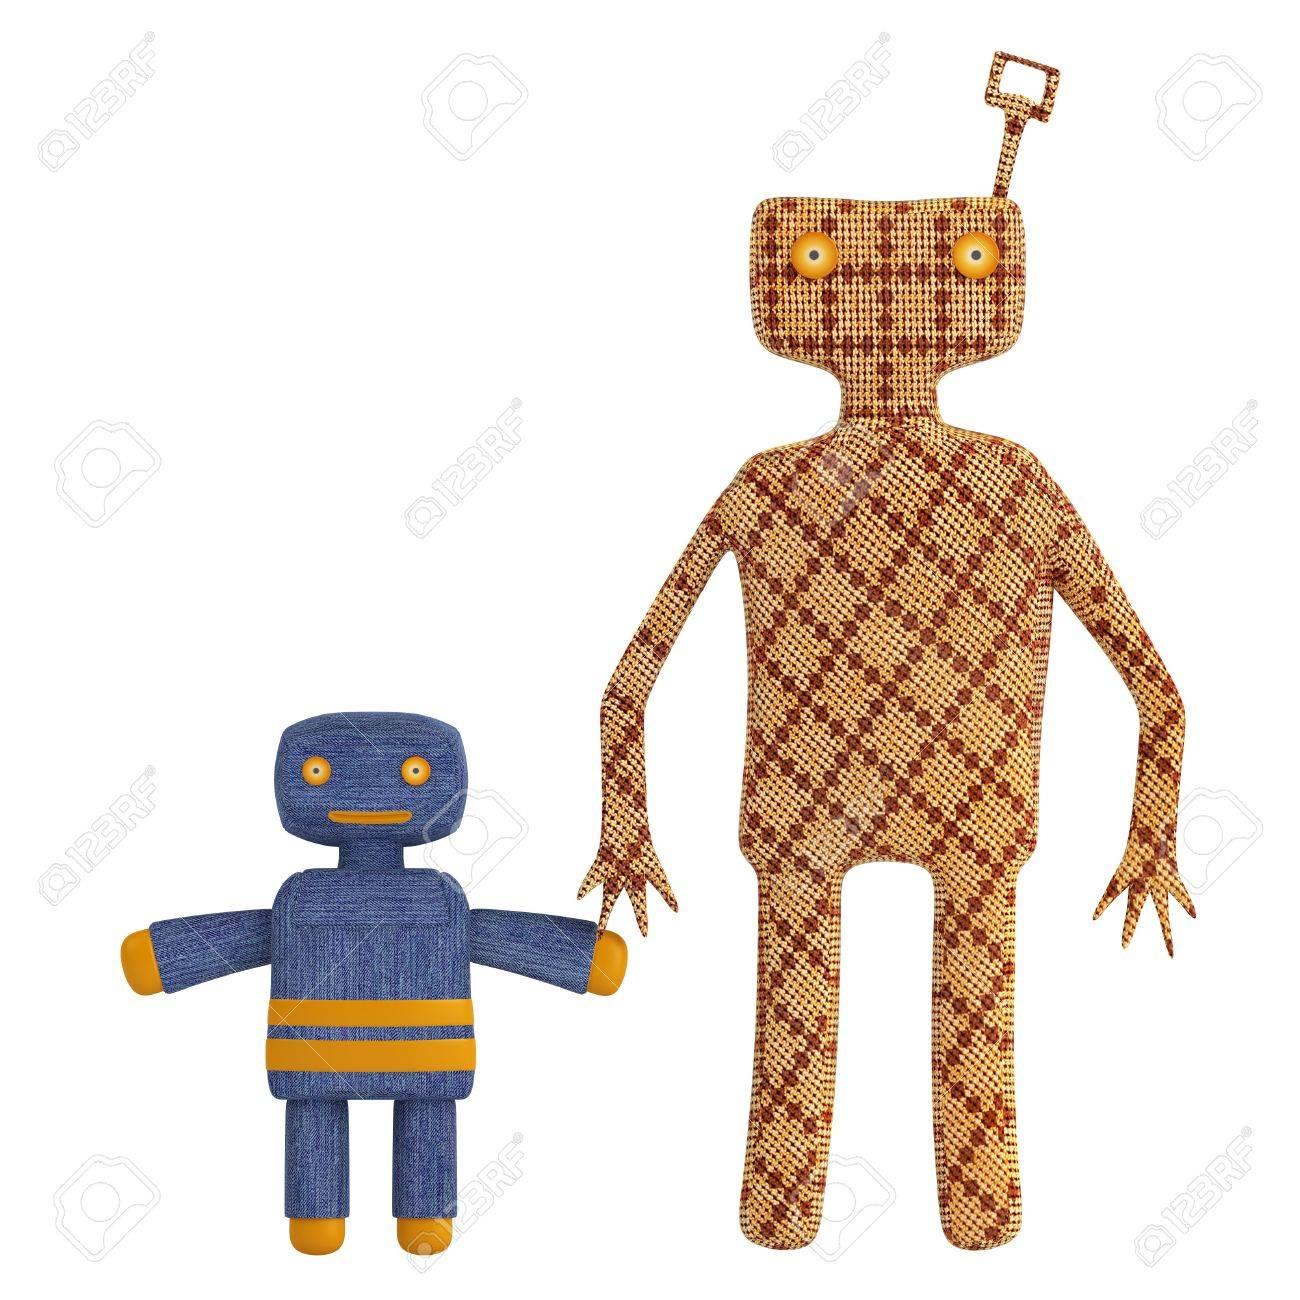 Par Un D'un Vieux Jouets Clé Figures Enfant Tenant Avec Et En De Adulte Tôle Jusqu'à Mécaniques Sous Vent La Stylisées Des Copies Forme O0wknP